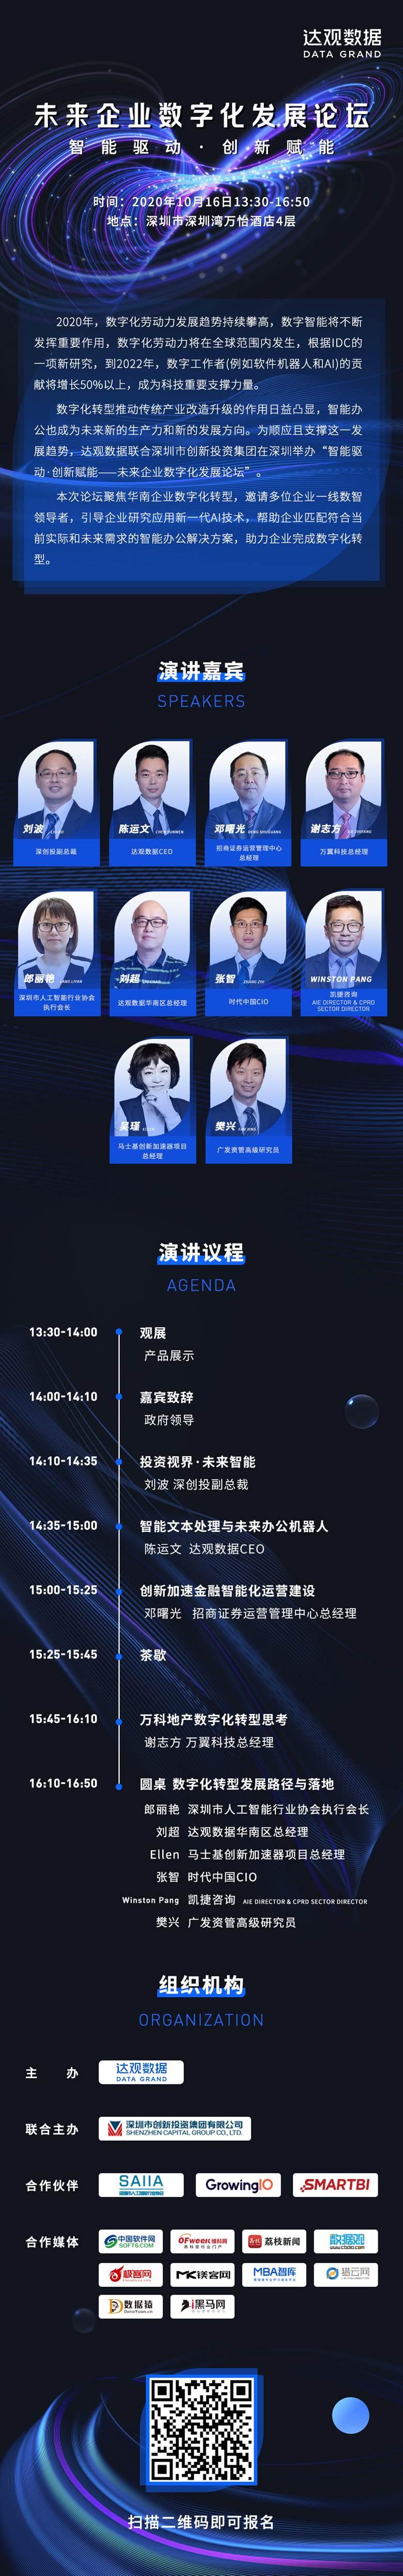 深圳会议长图1013.jpg